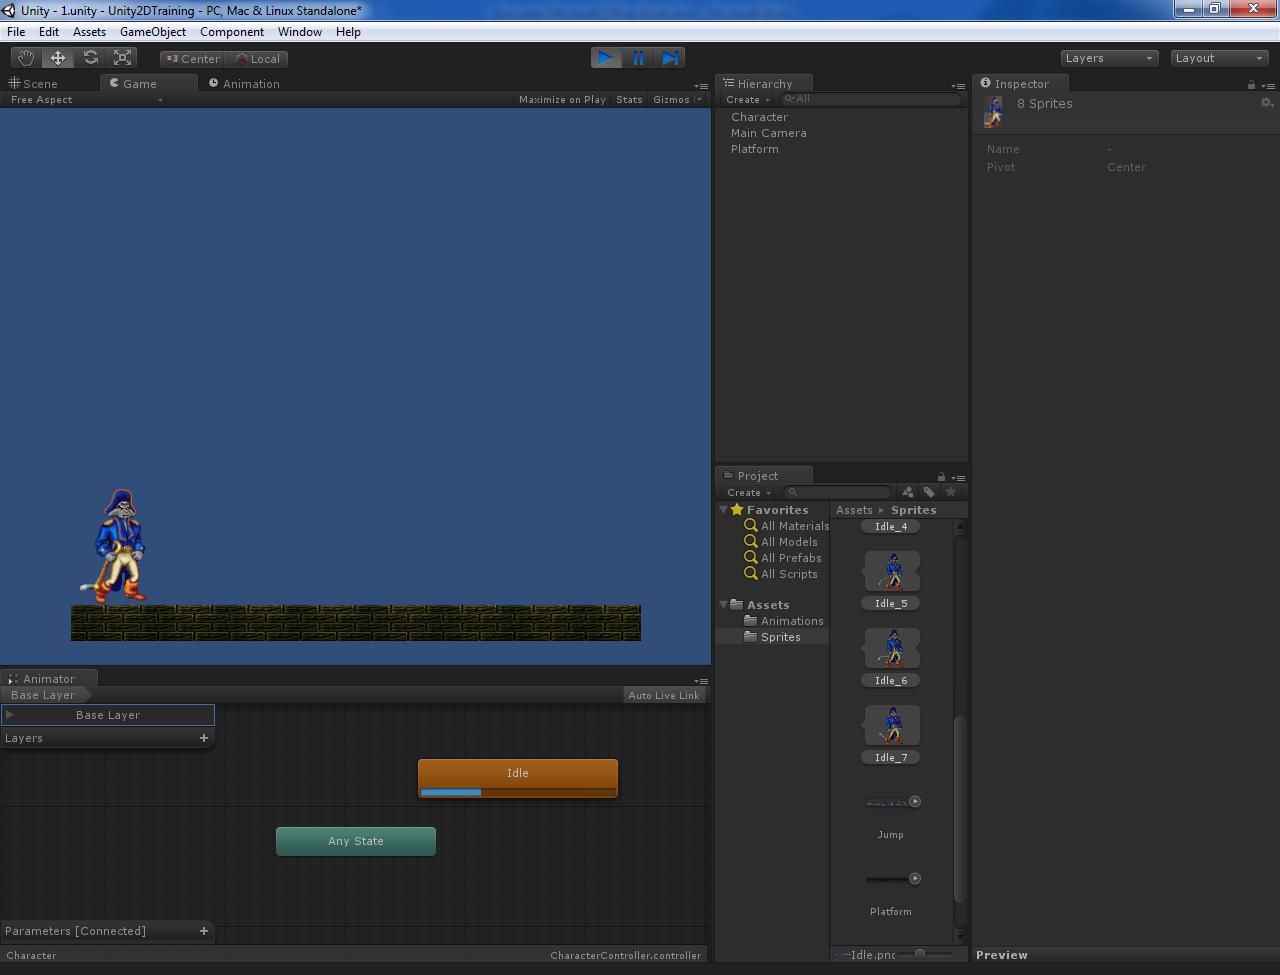 Основы создания 2D персонажа в Unity 3D 4.3. Заготовка персонажа и анимация покоя